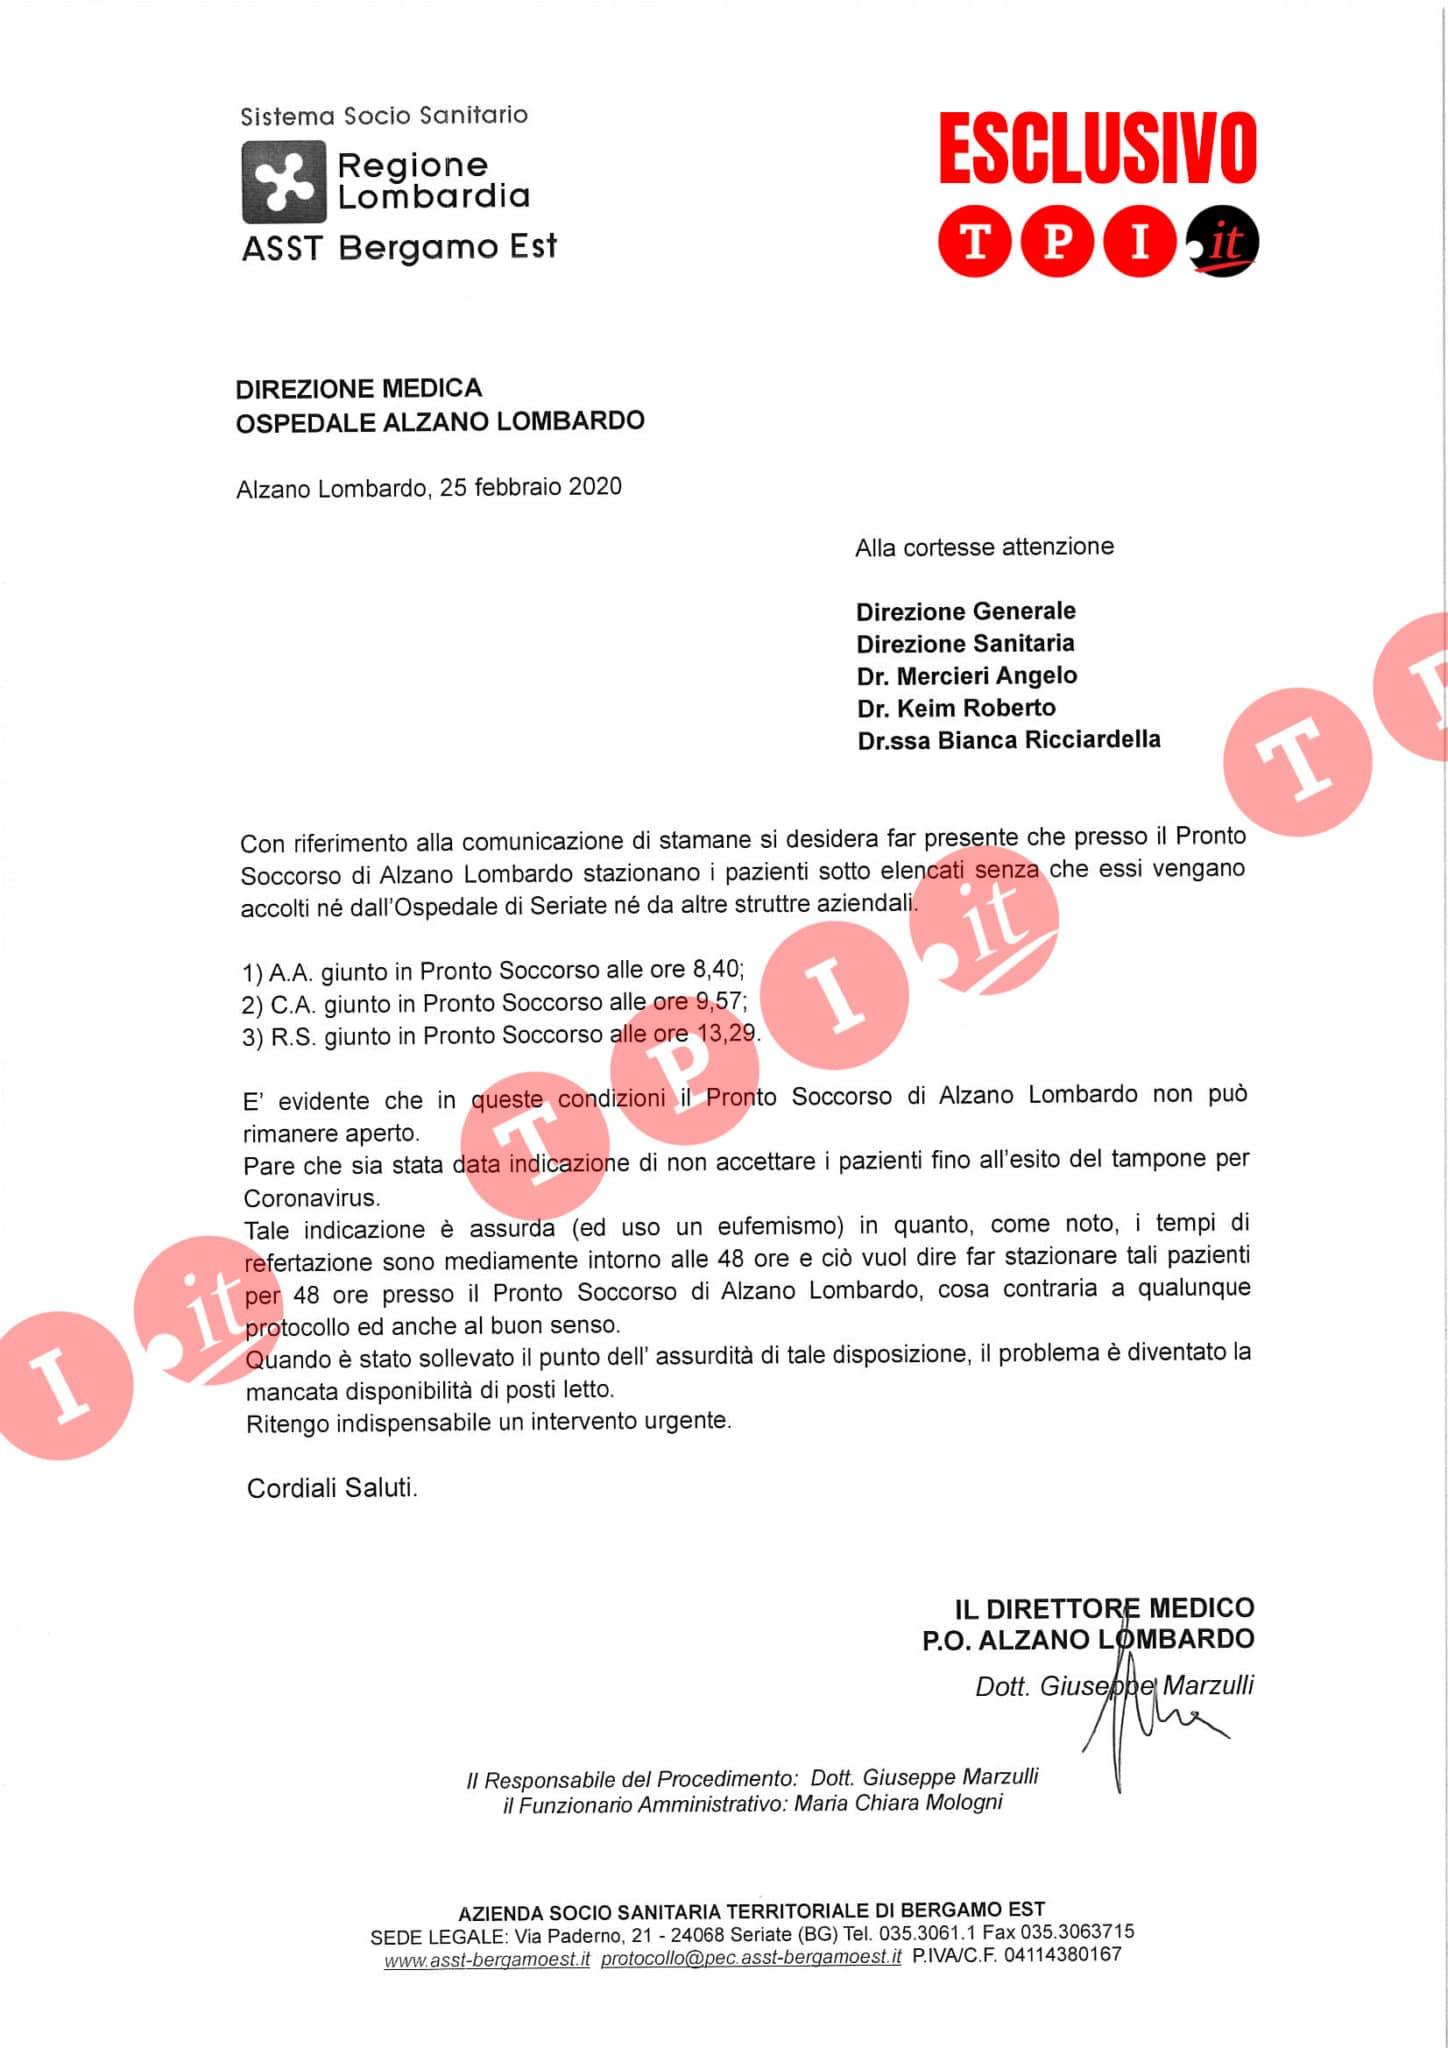 esclusivo tpi lettera direttore ospedale alzano lombardo documento